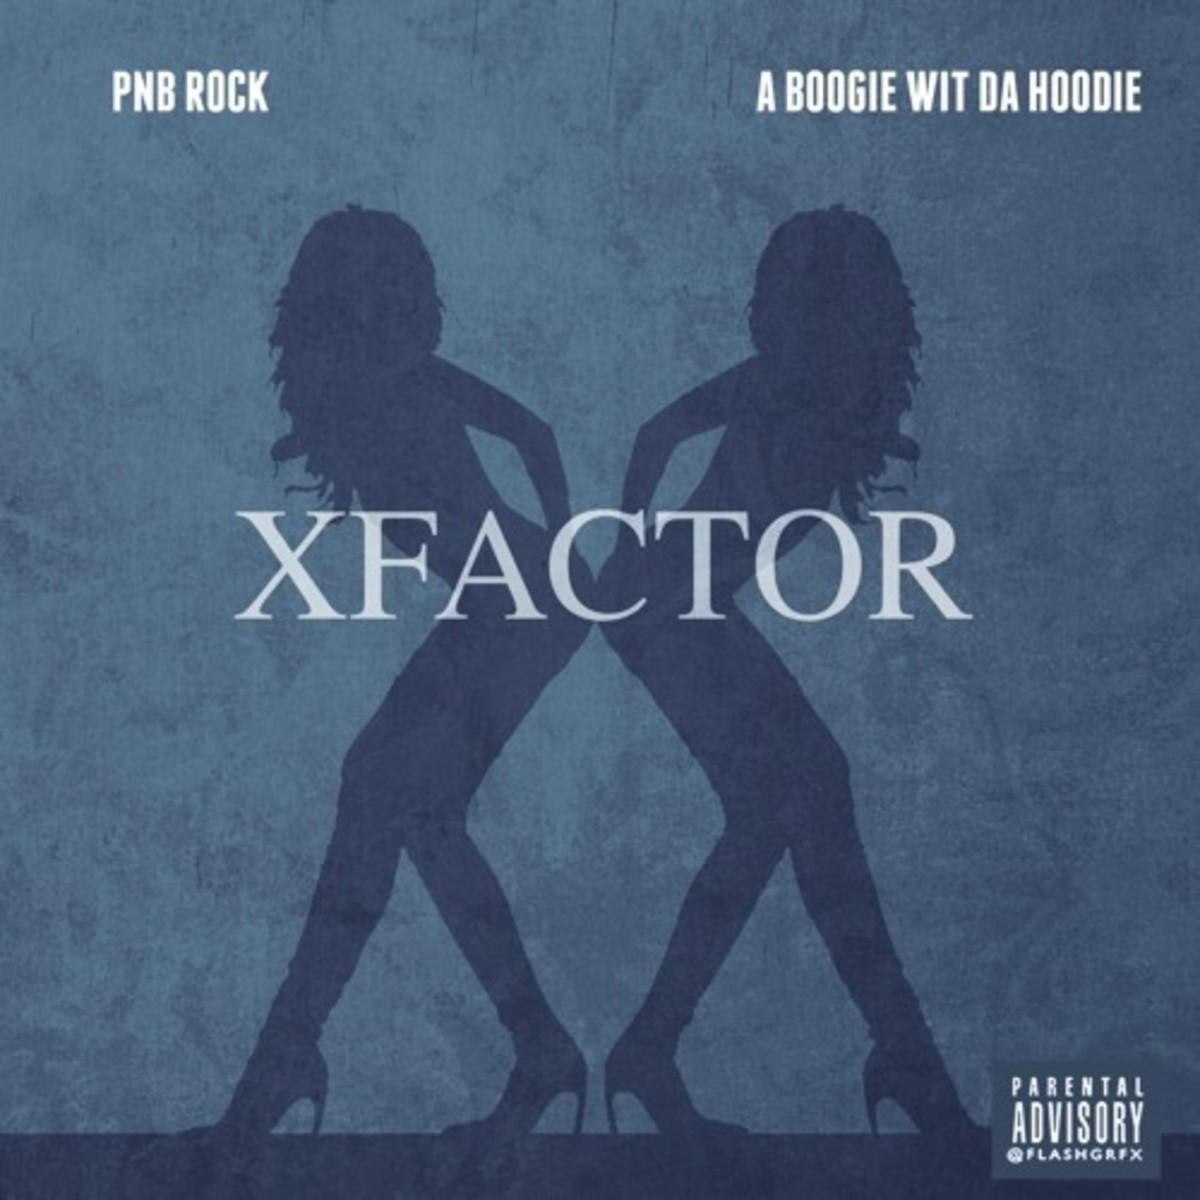 pnb-rock-x-factor.jpg